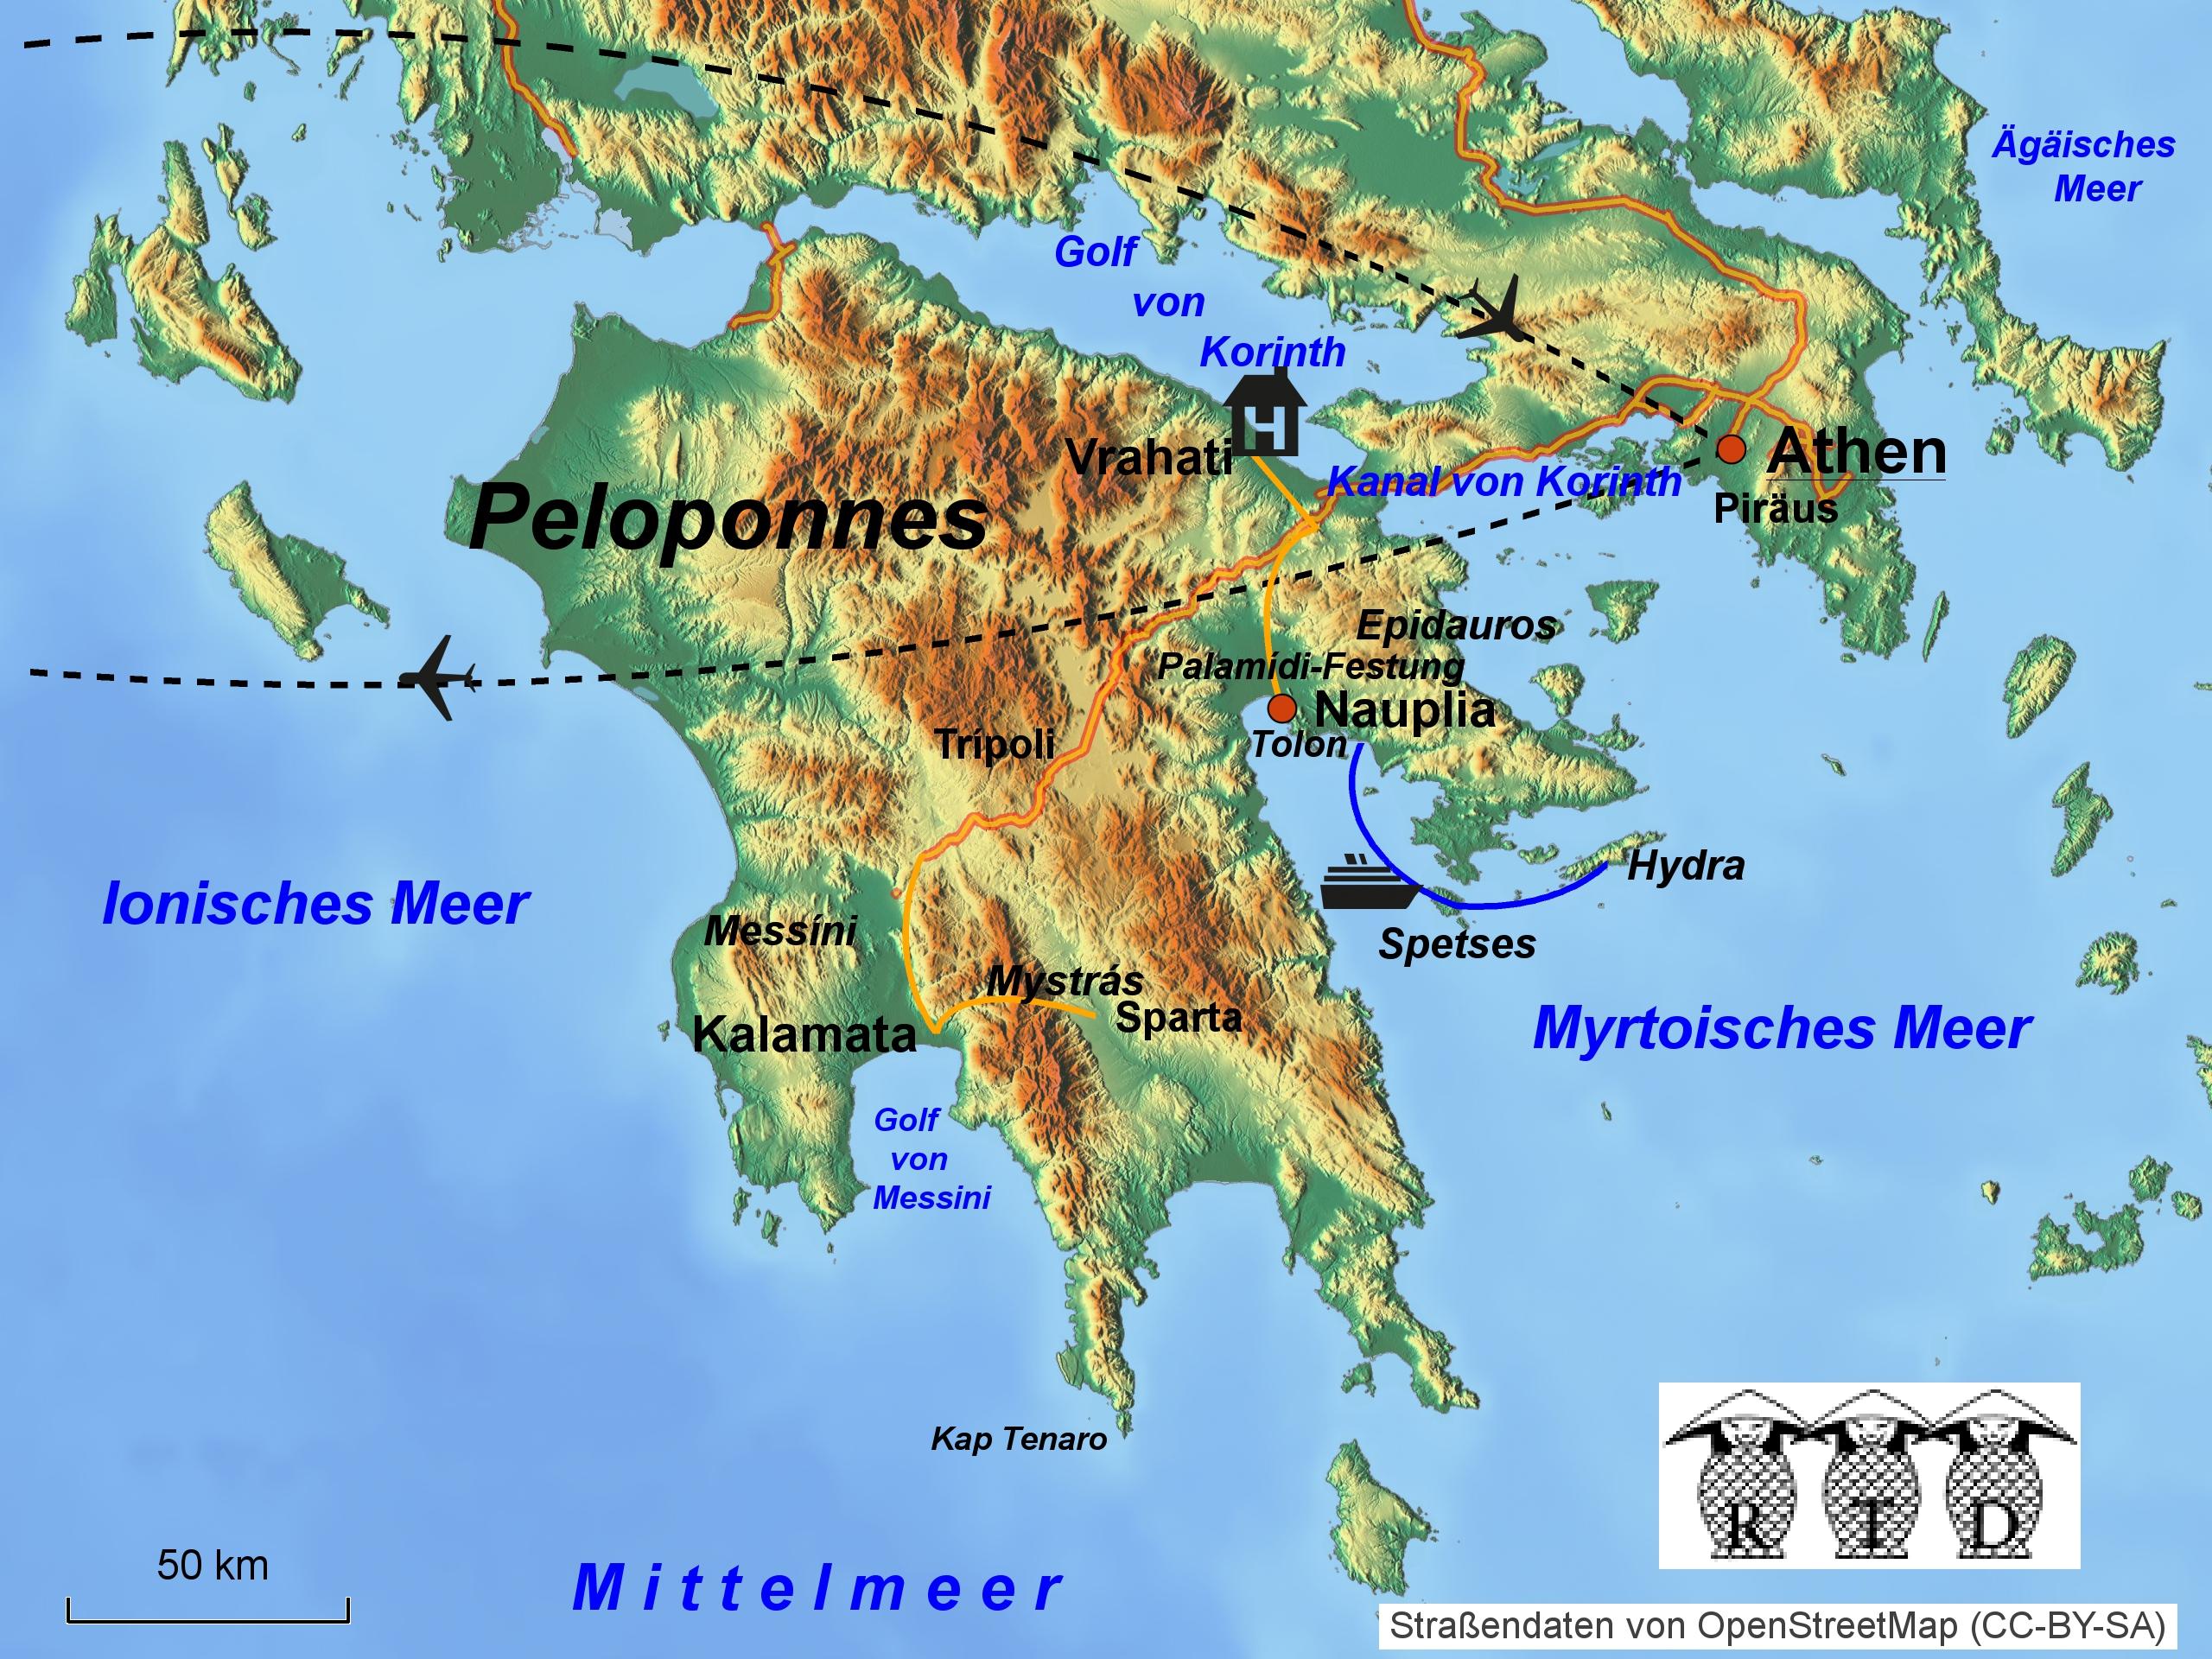 Karte Griechenland Peloponnes.Rtd Reisen Reiseziele Aktuelles Griechenland